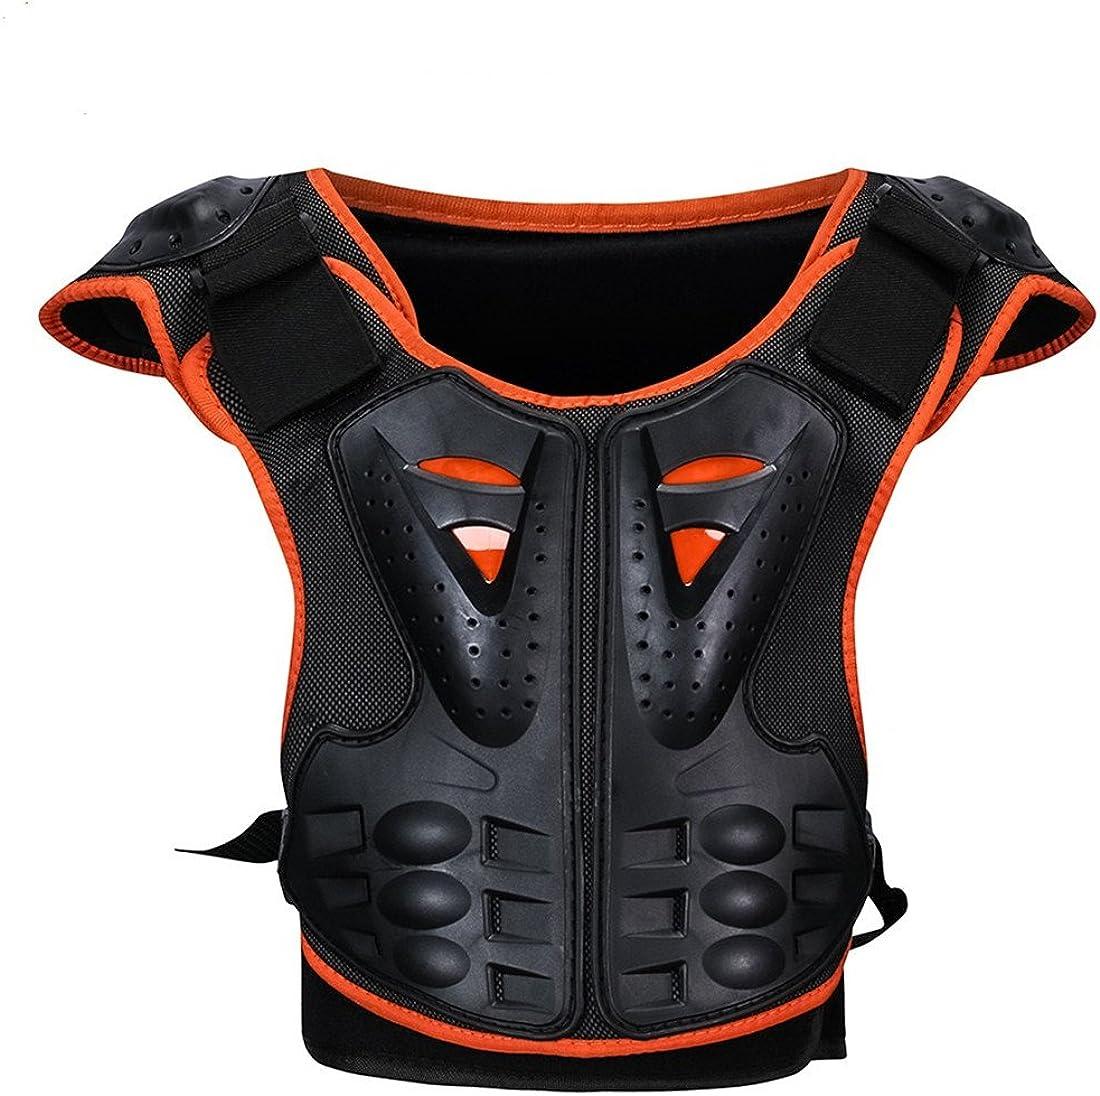 Akaufeng Motorrad Protektorenjacke Kind Protektorenhemd Jungen Mtb Protektoren Schutzkleidung Schutzjacke Bekleidung